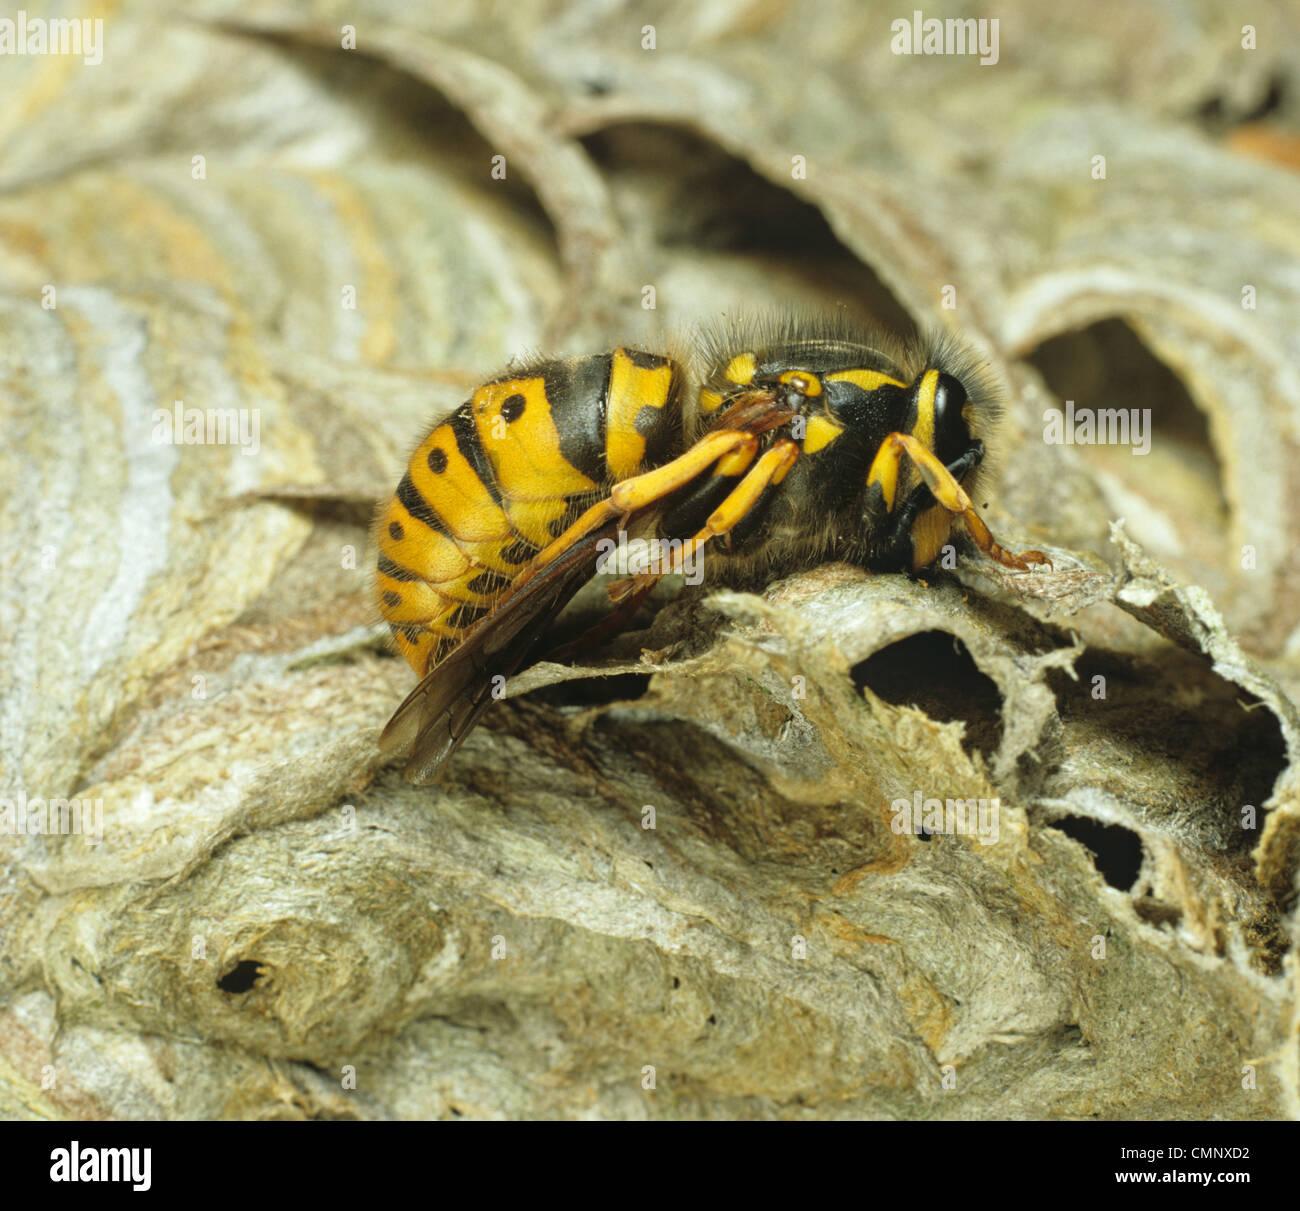 Common European wasp (Vespula vulgaris) queen hibernating on her nest in winter - Stock Image